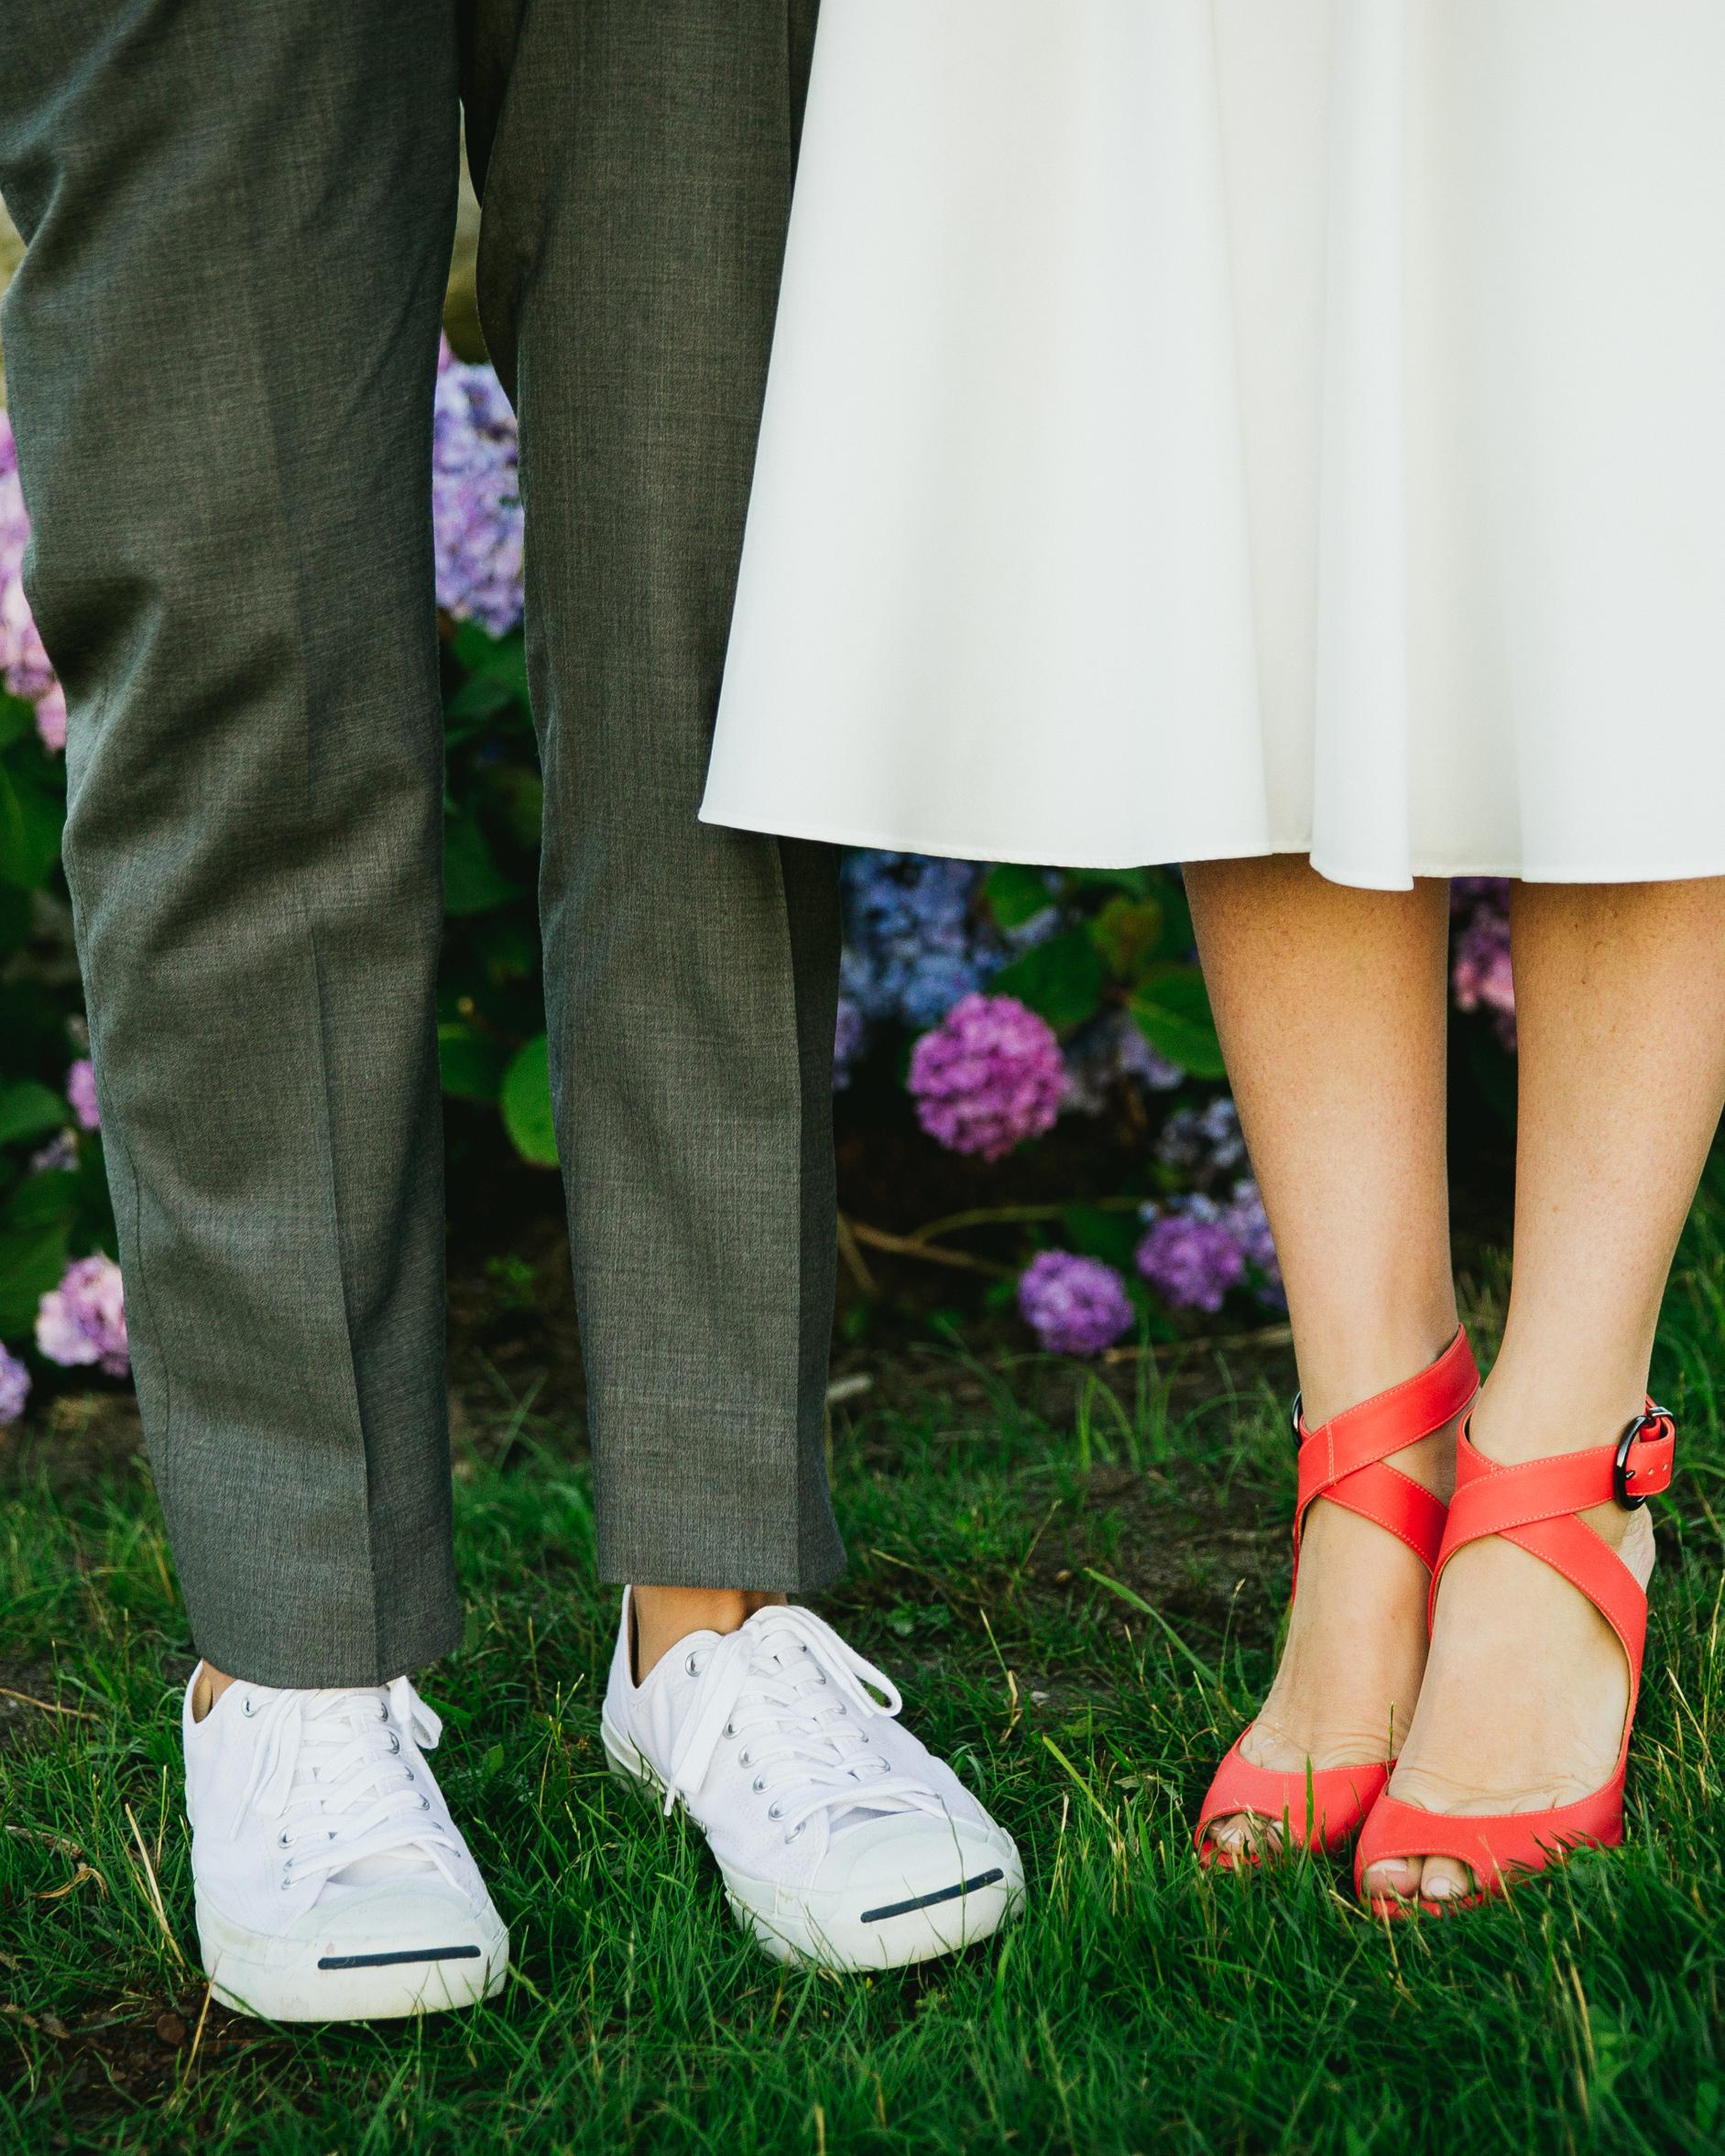 gabriela-tyson-wedding-shoes-1016-s111708-1214.jpg